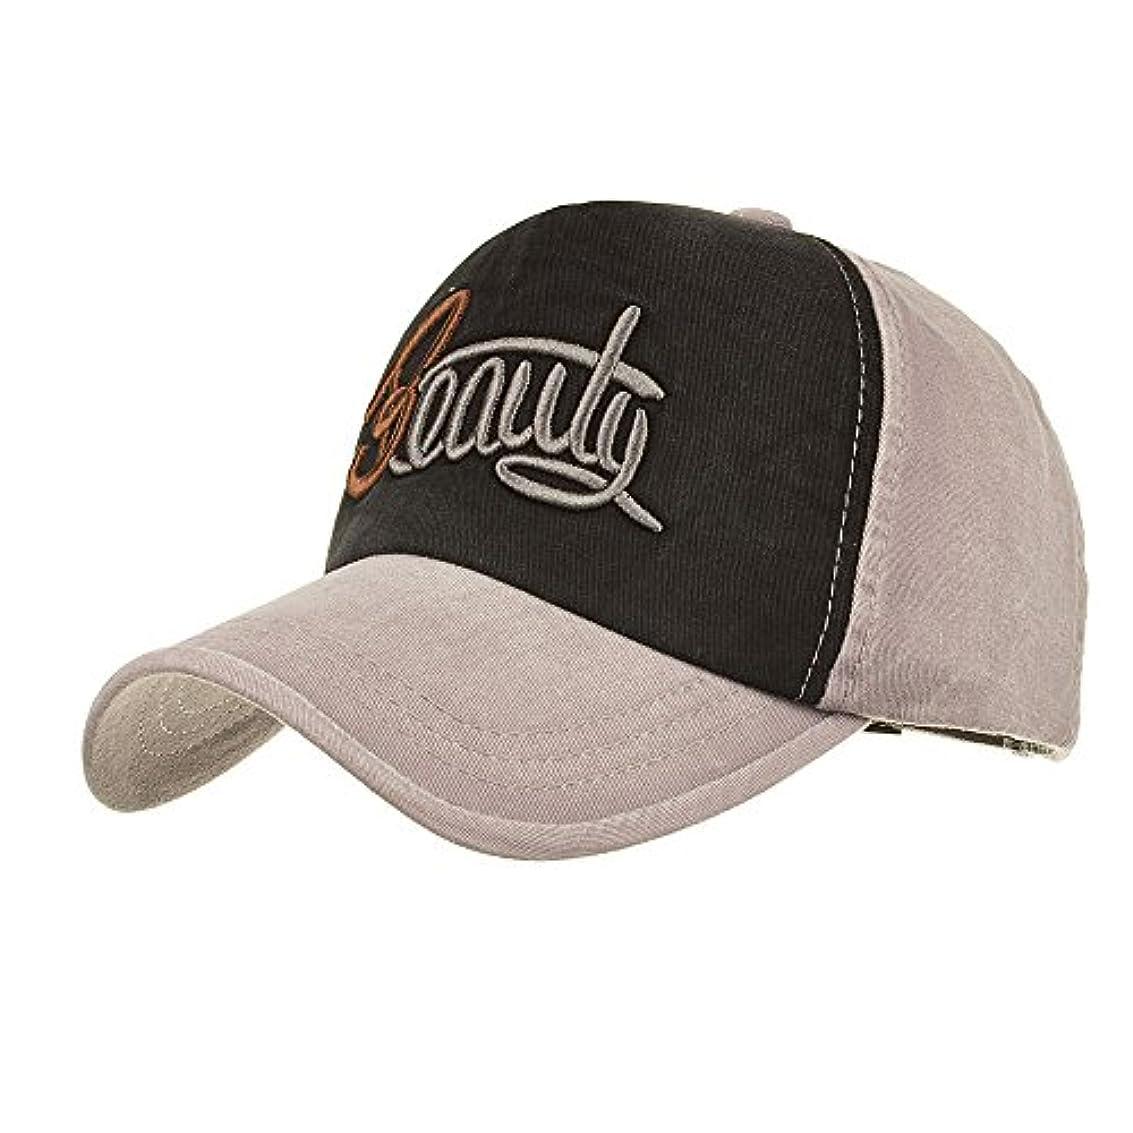 プール勇敢なブラシRacazing Cap パッチワーク刺繍 ヒップホップ 野球帽 通気性のある 帽子 夏 登山 可調整可能 棒球帽 UV 帽子 軽量 屋外 Unisex Hat (グレー)